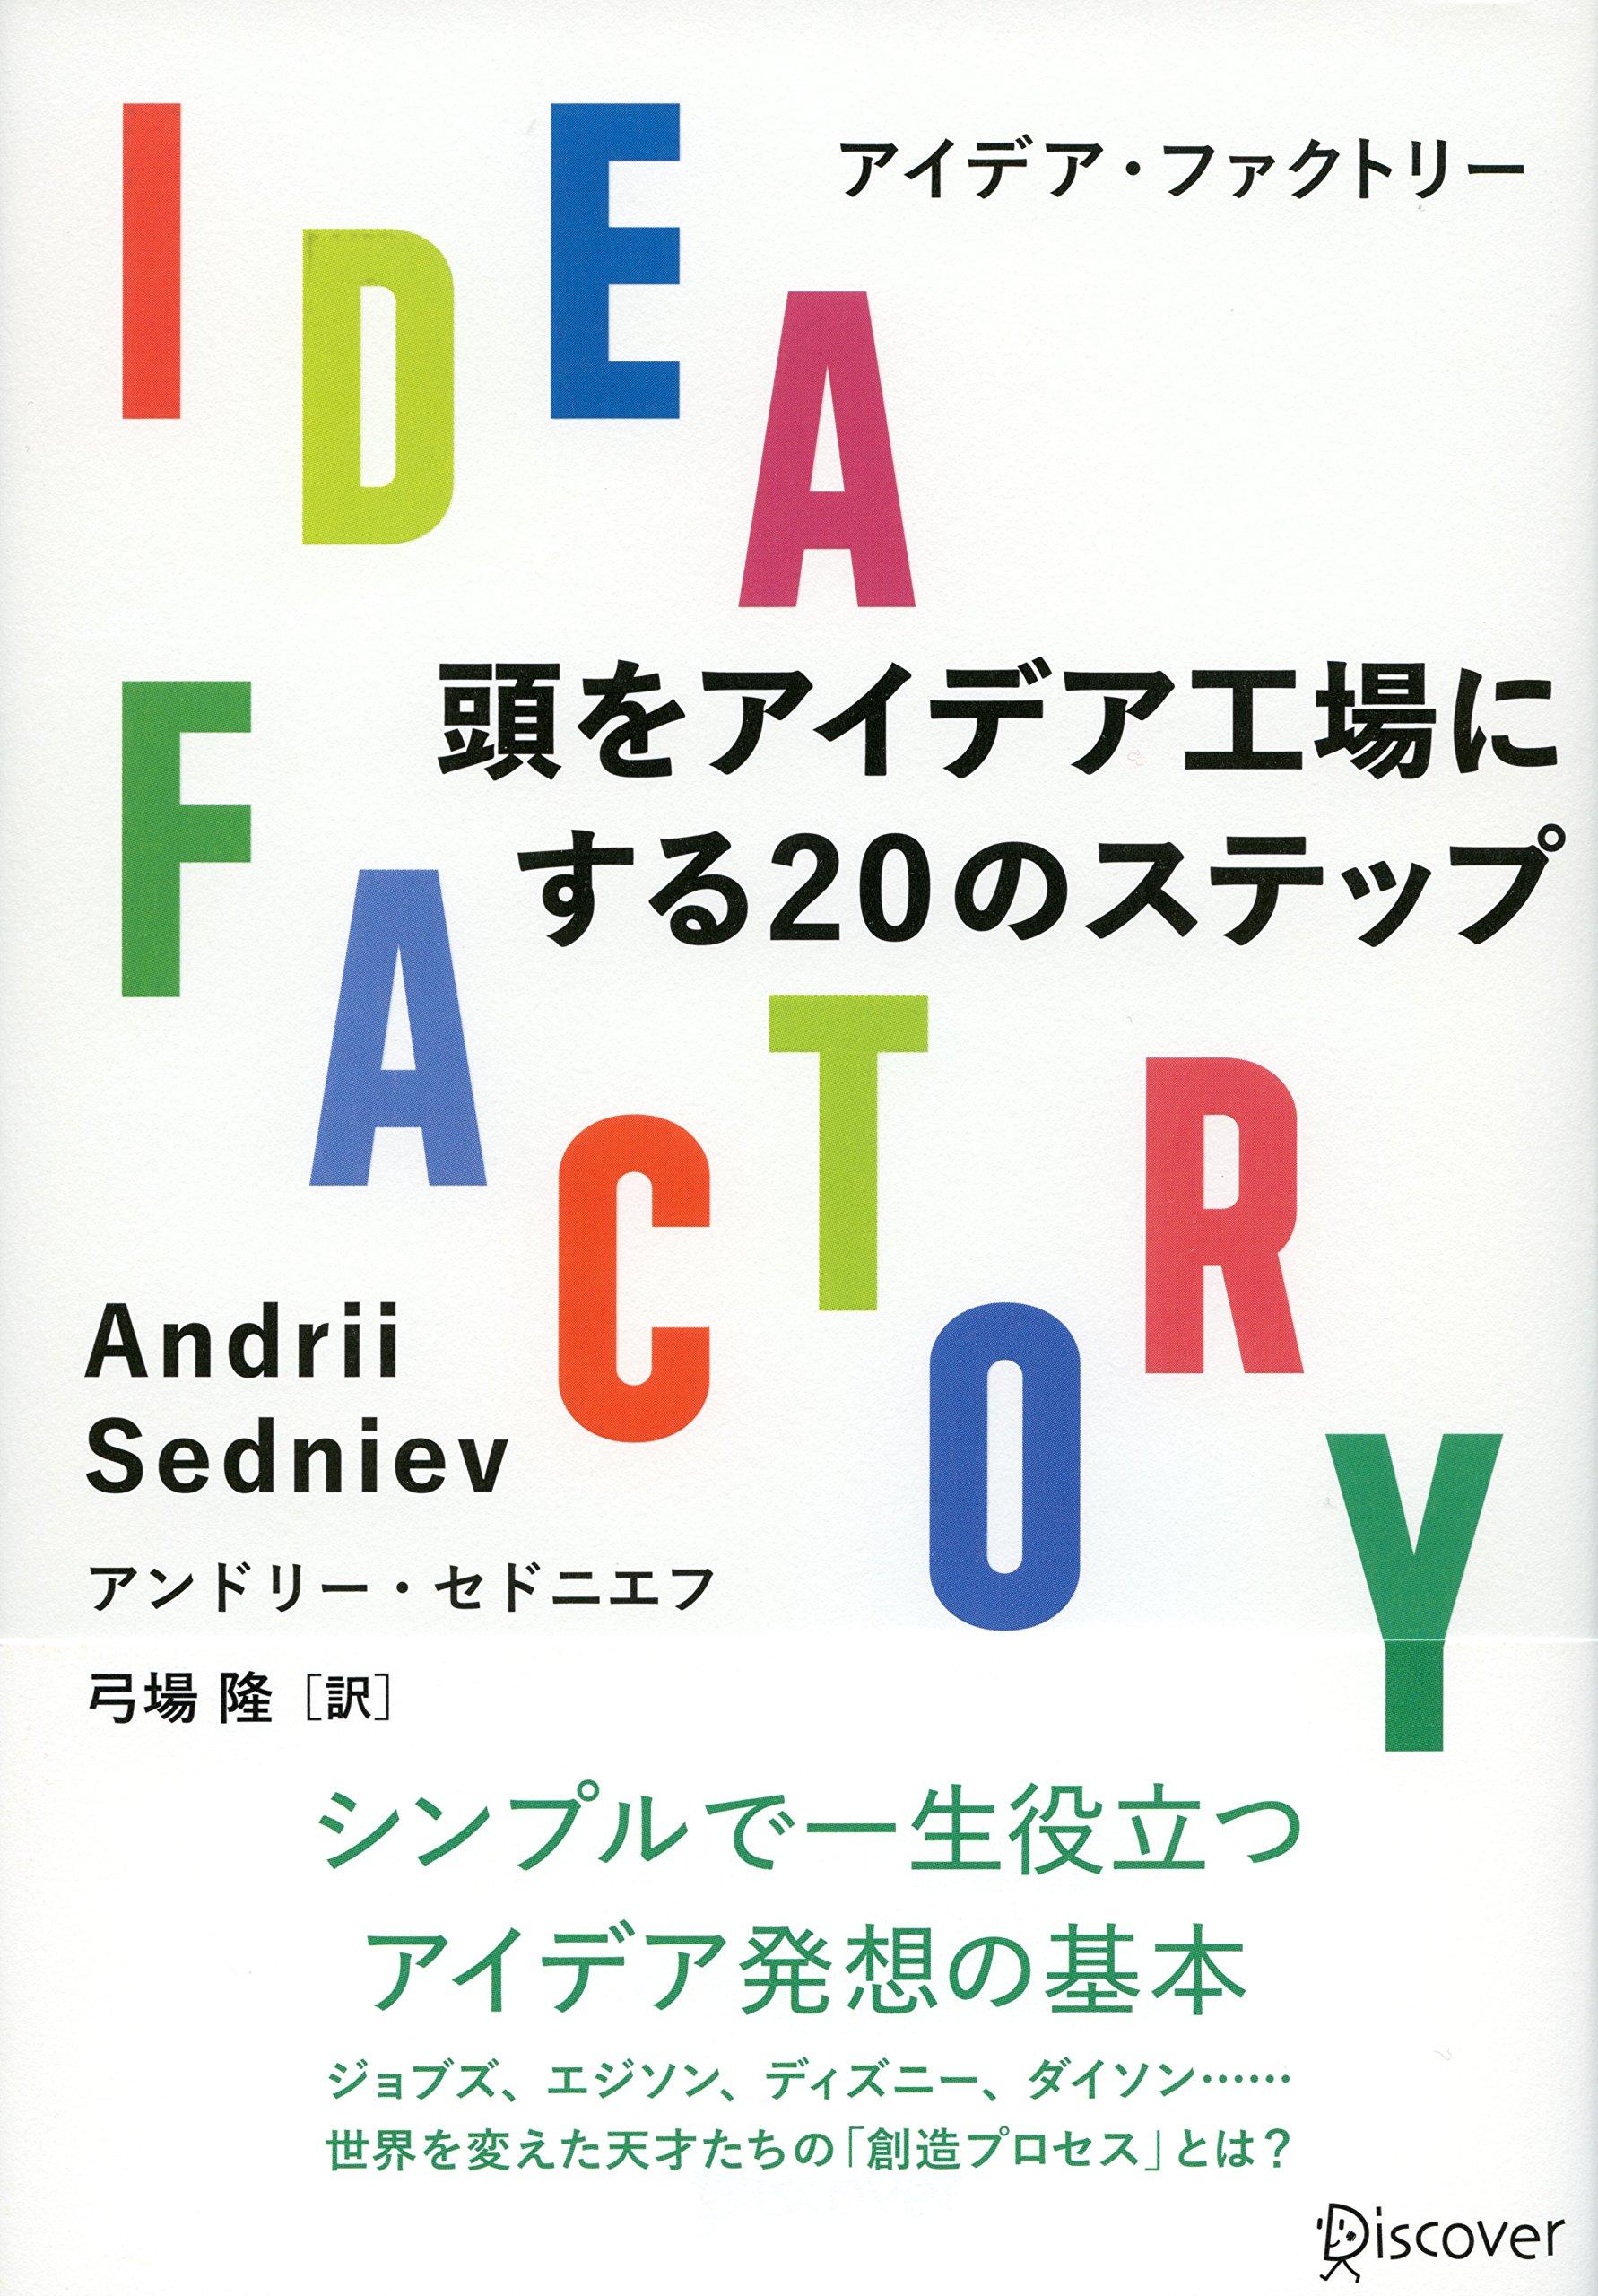 「アイデアファクトリー 頭をアイデア工場にする20のステップ」の画像検索結果